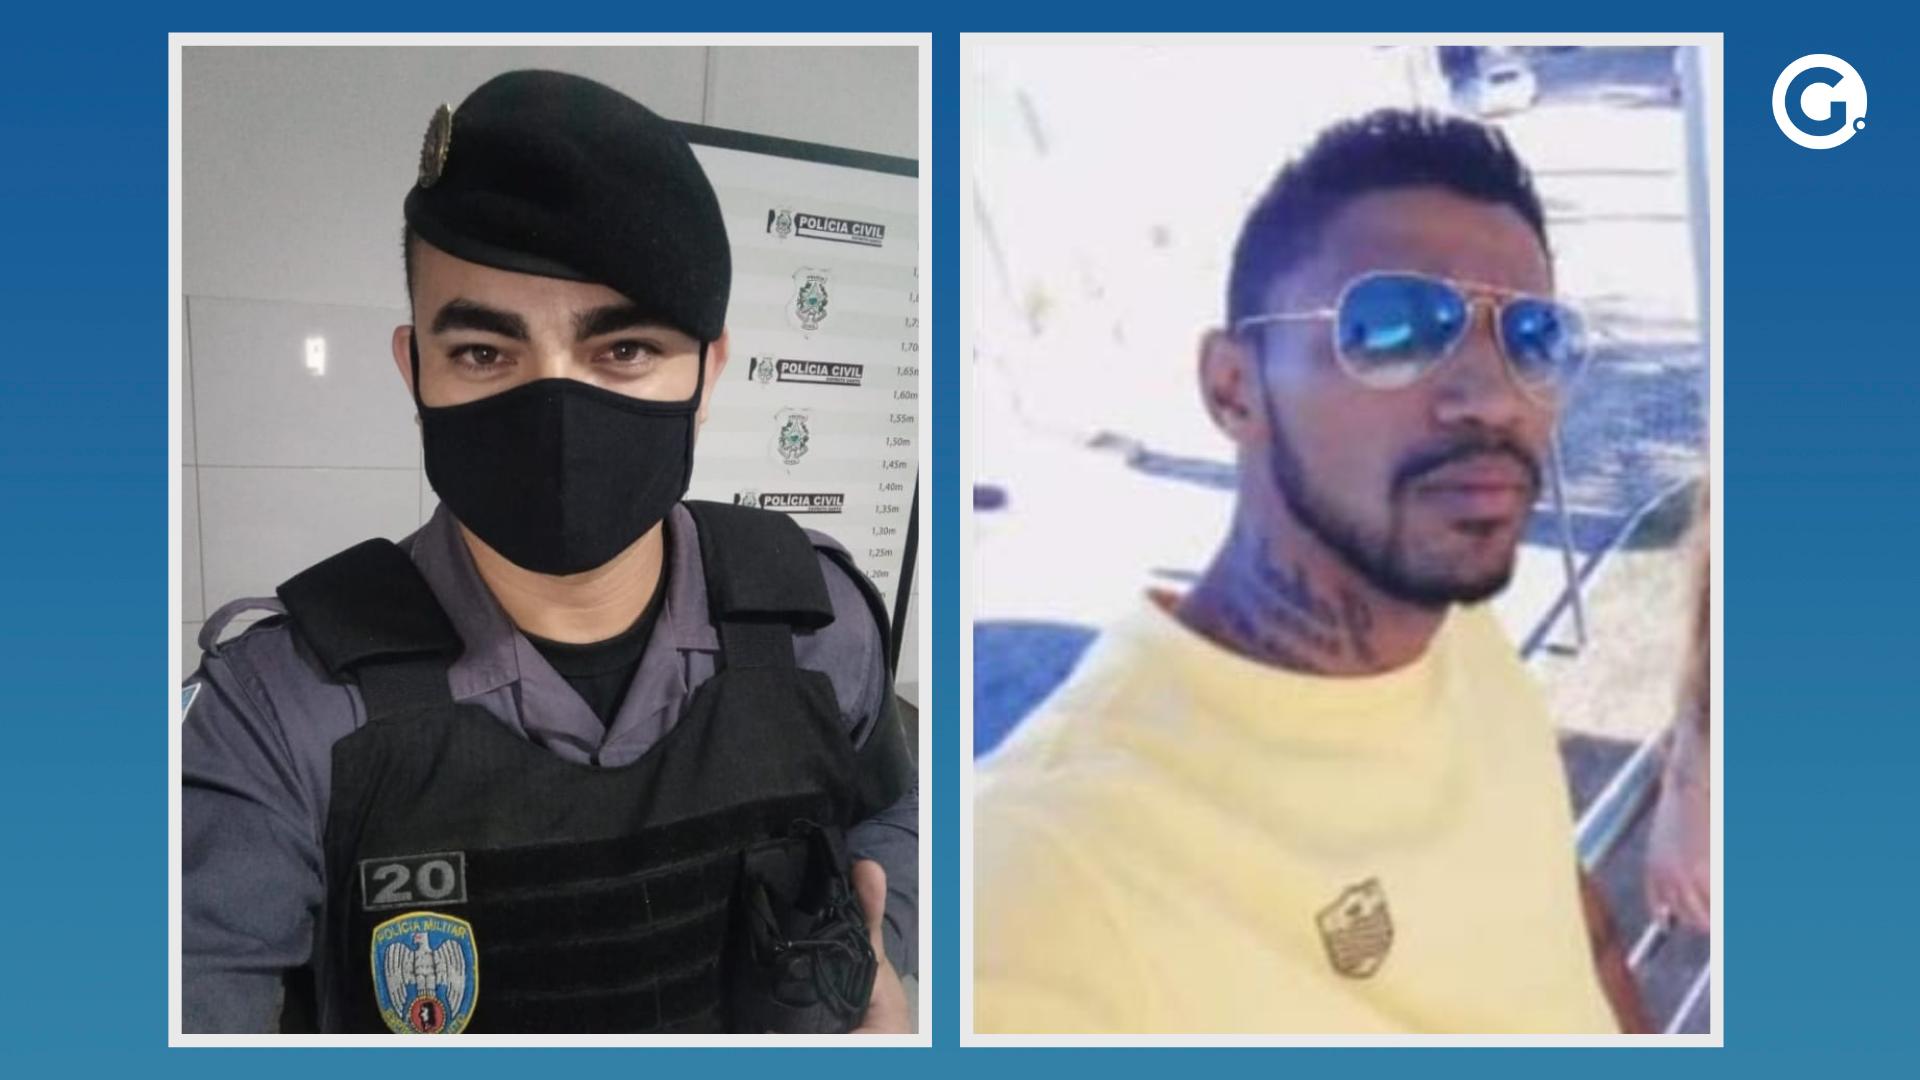 Richard Pereira Rocha, de 35 anos, eJhulian Harlei Alves de Souza. Crédito: Divulgação / Montagem A Gazeta